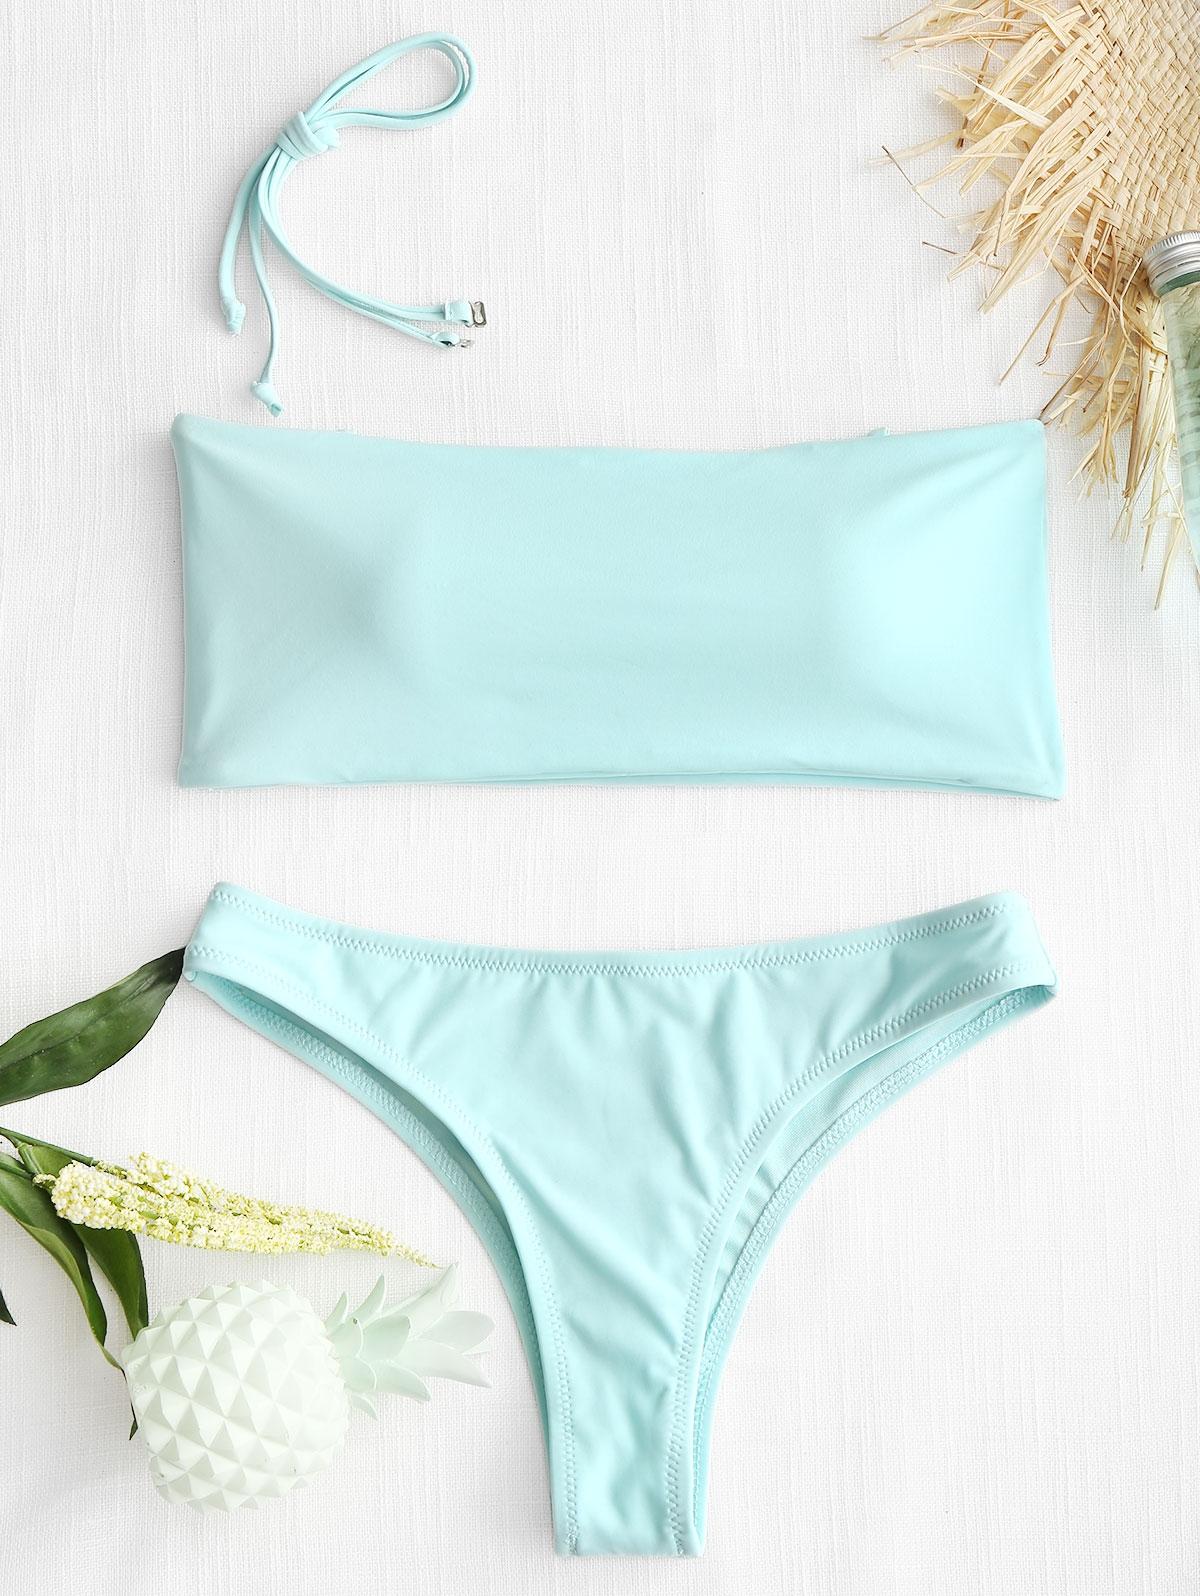 High Cut Bandeau Thong Bathing Suit